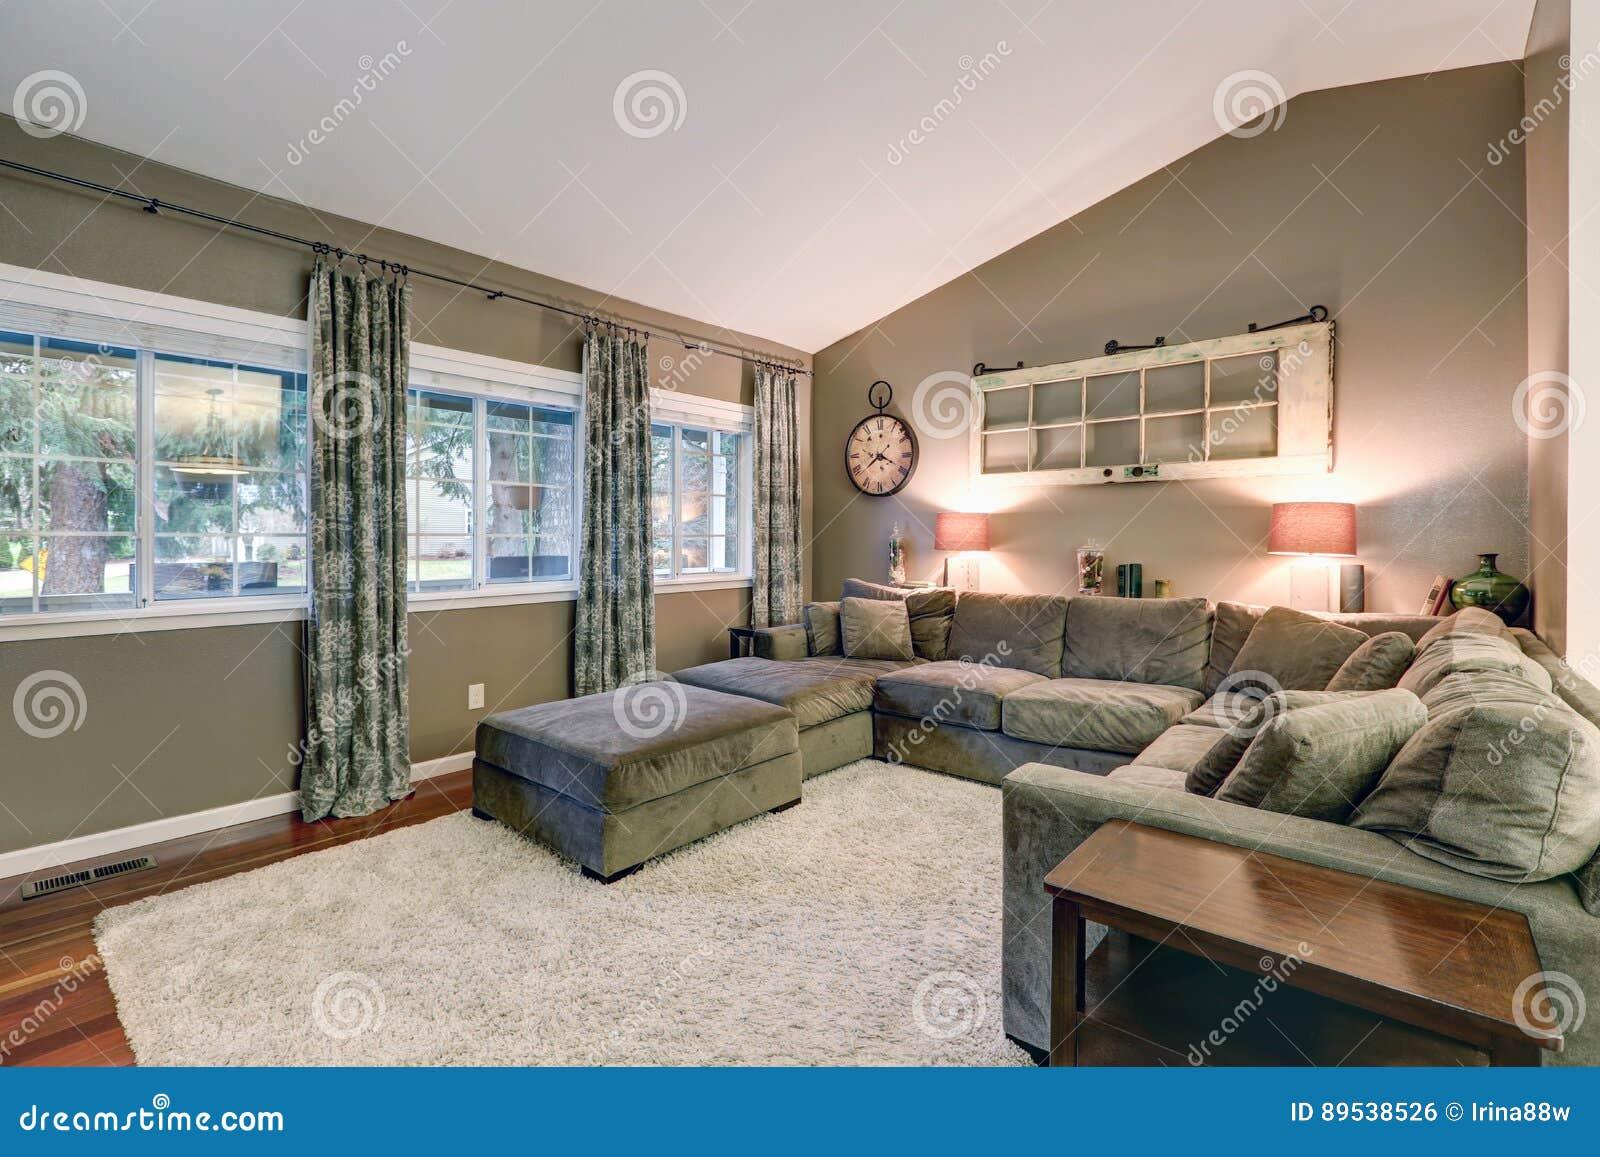 Peinture chambre familiale for Peindre une chambre a coucher